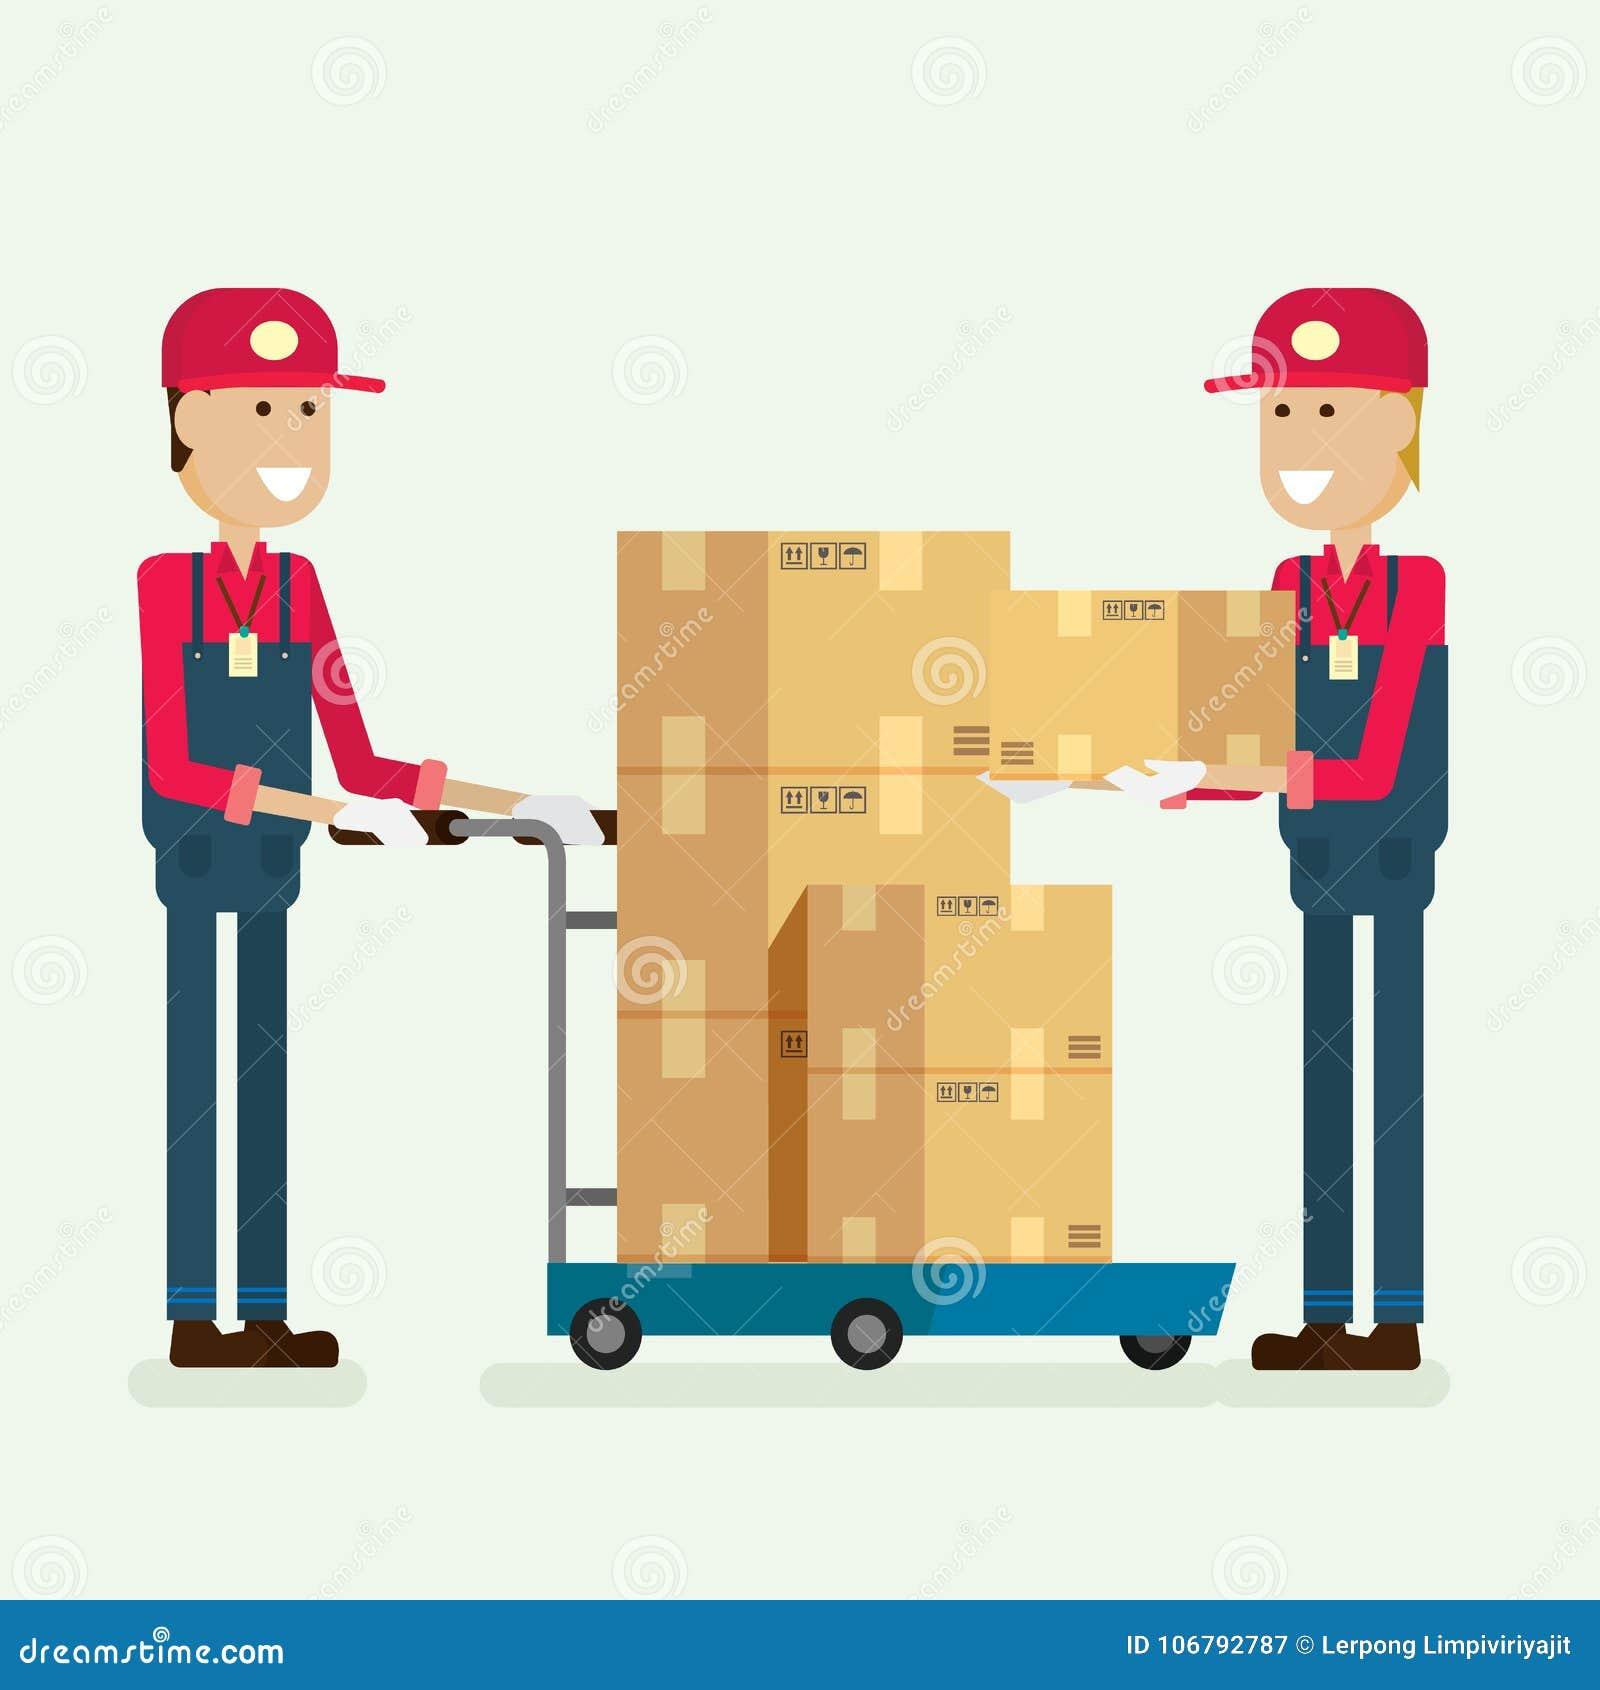 Κιβώτιο φορτίου εργαζομένων υπηρεσιών παράδοσης στην αποθήκη εμπορευμάτων απεικόνιση vec